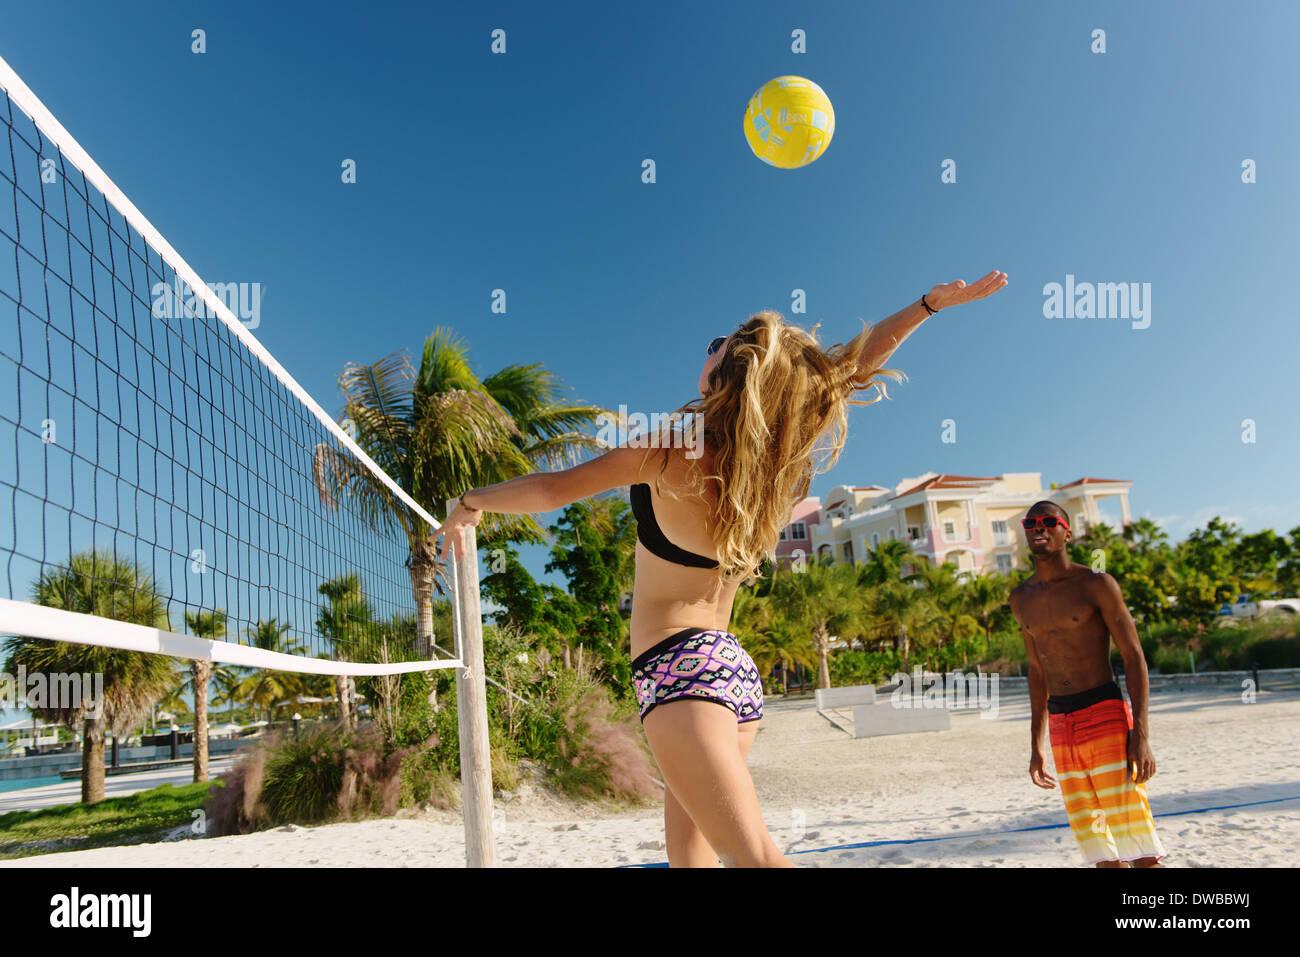 Junge Erwachsene Freunde spielen Beach-Volleyball, Providenciales, Turks-und Caicosinseln, Caribbean Stockbild